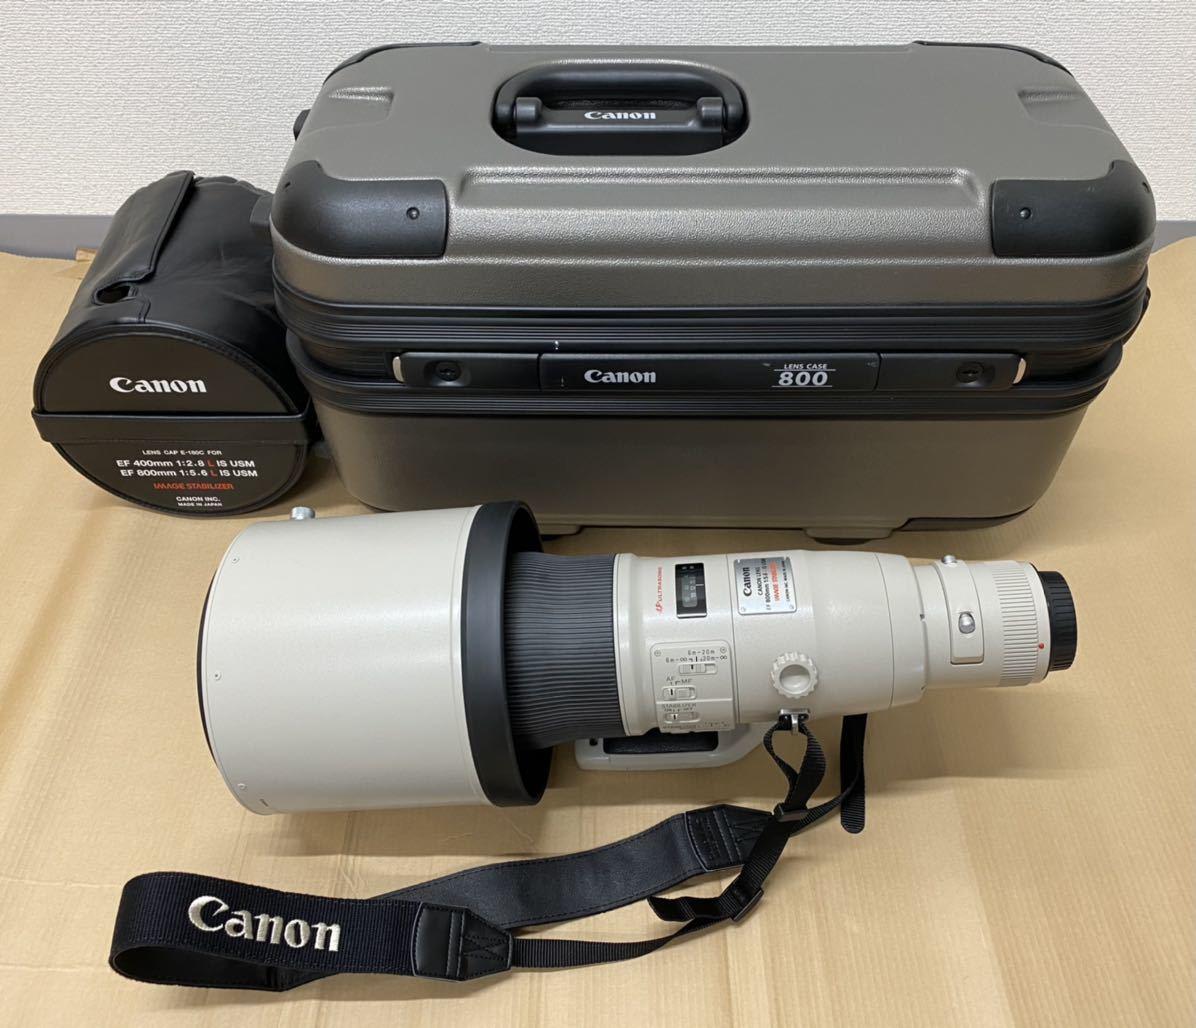 [美品] Canon キャノン ET-155 EF 800mm 1:5.6 L IS USM IMAGE STABILIZER ULTRASONIC 11